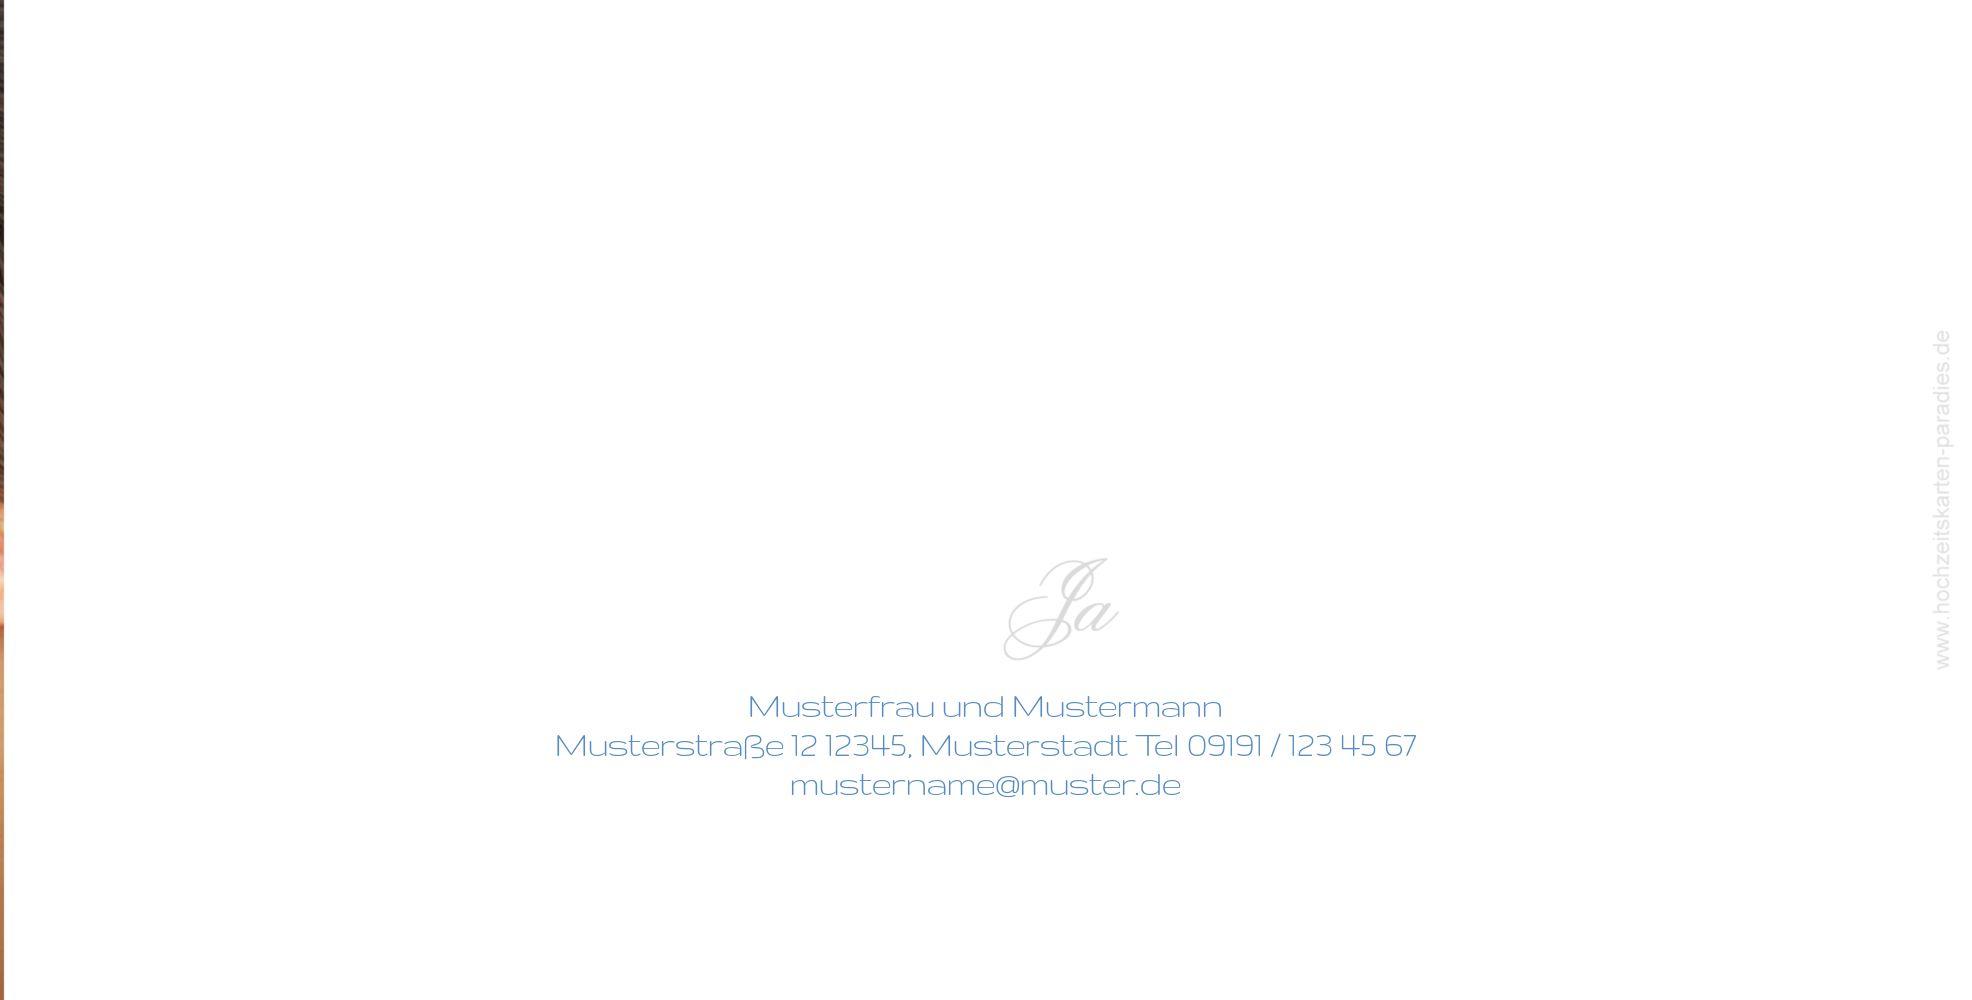 Ansicht 3 - Hochzeit Einladung Sagja